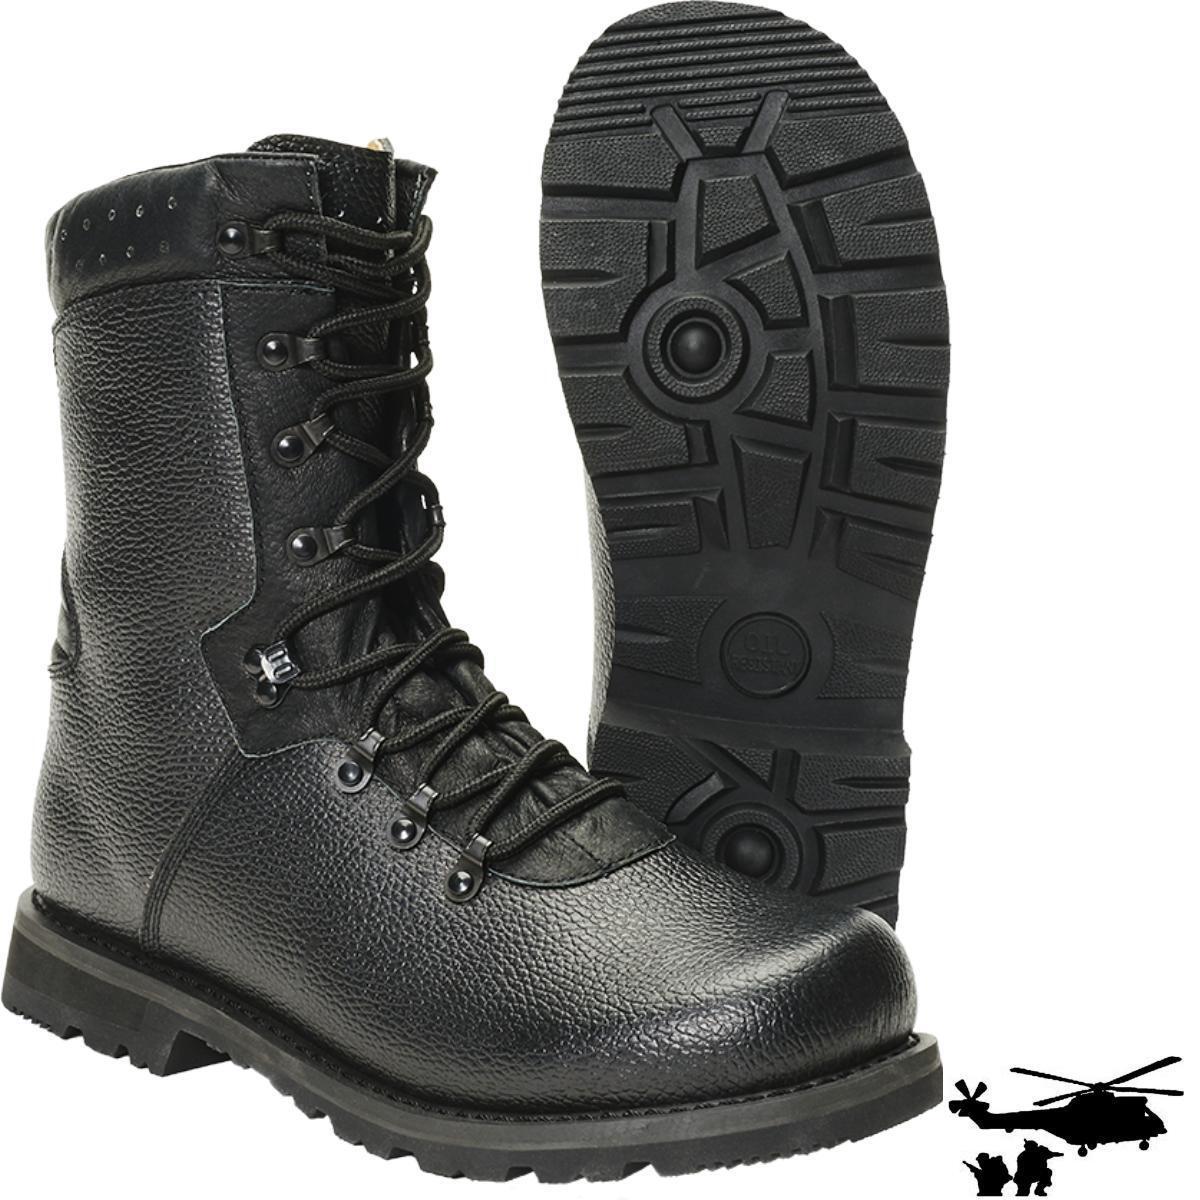 Brandit BW Kampfstiefel MODELL  2000 Armee Stiefel Echtleder Boots Schuhe NEU